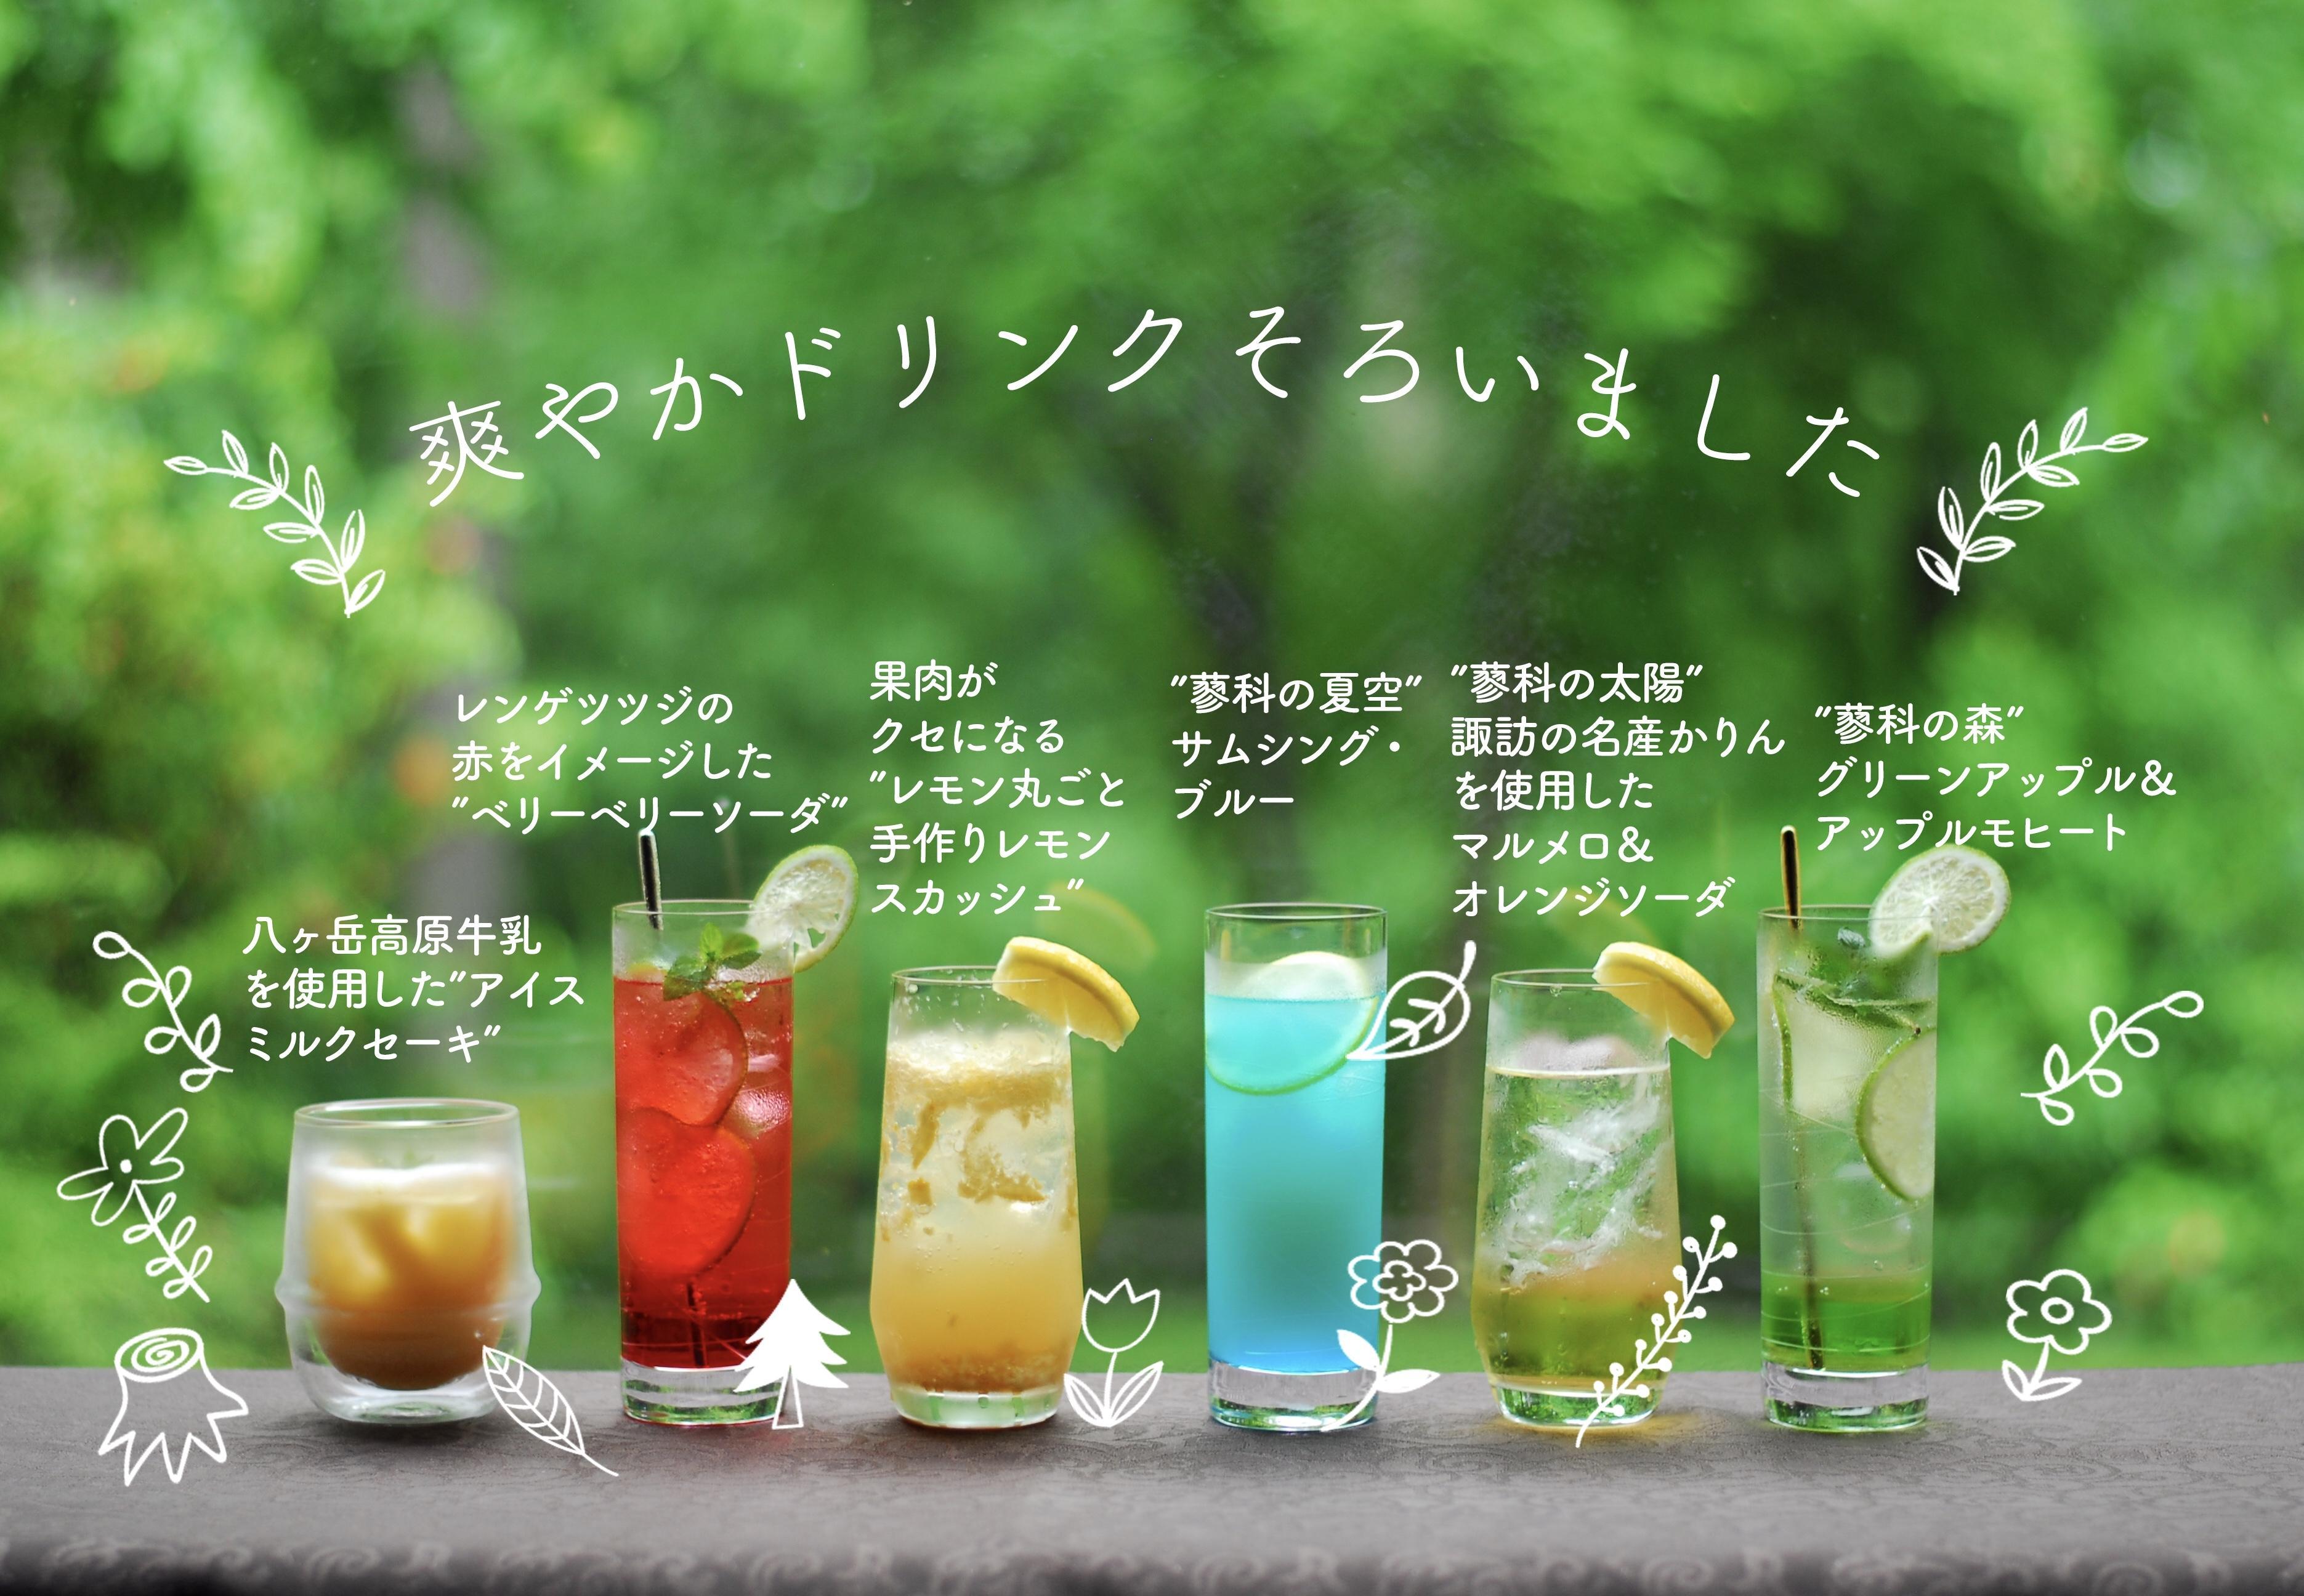 イラスト入り (1).jpg